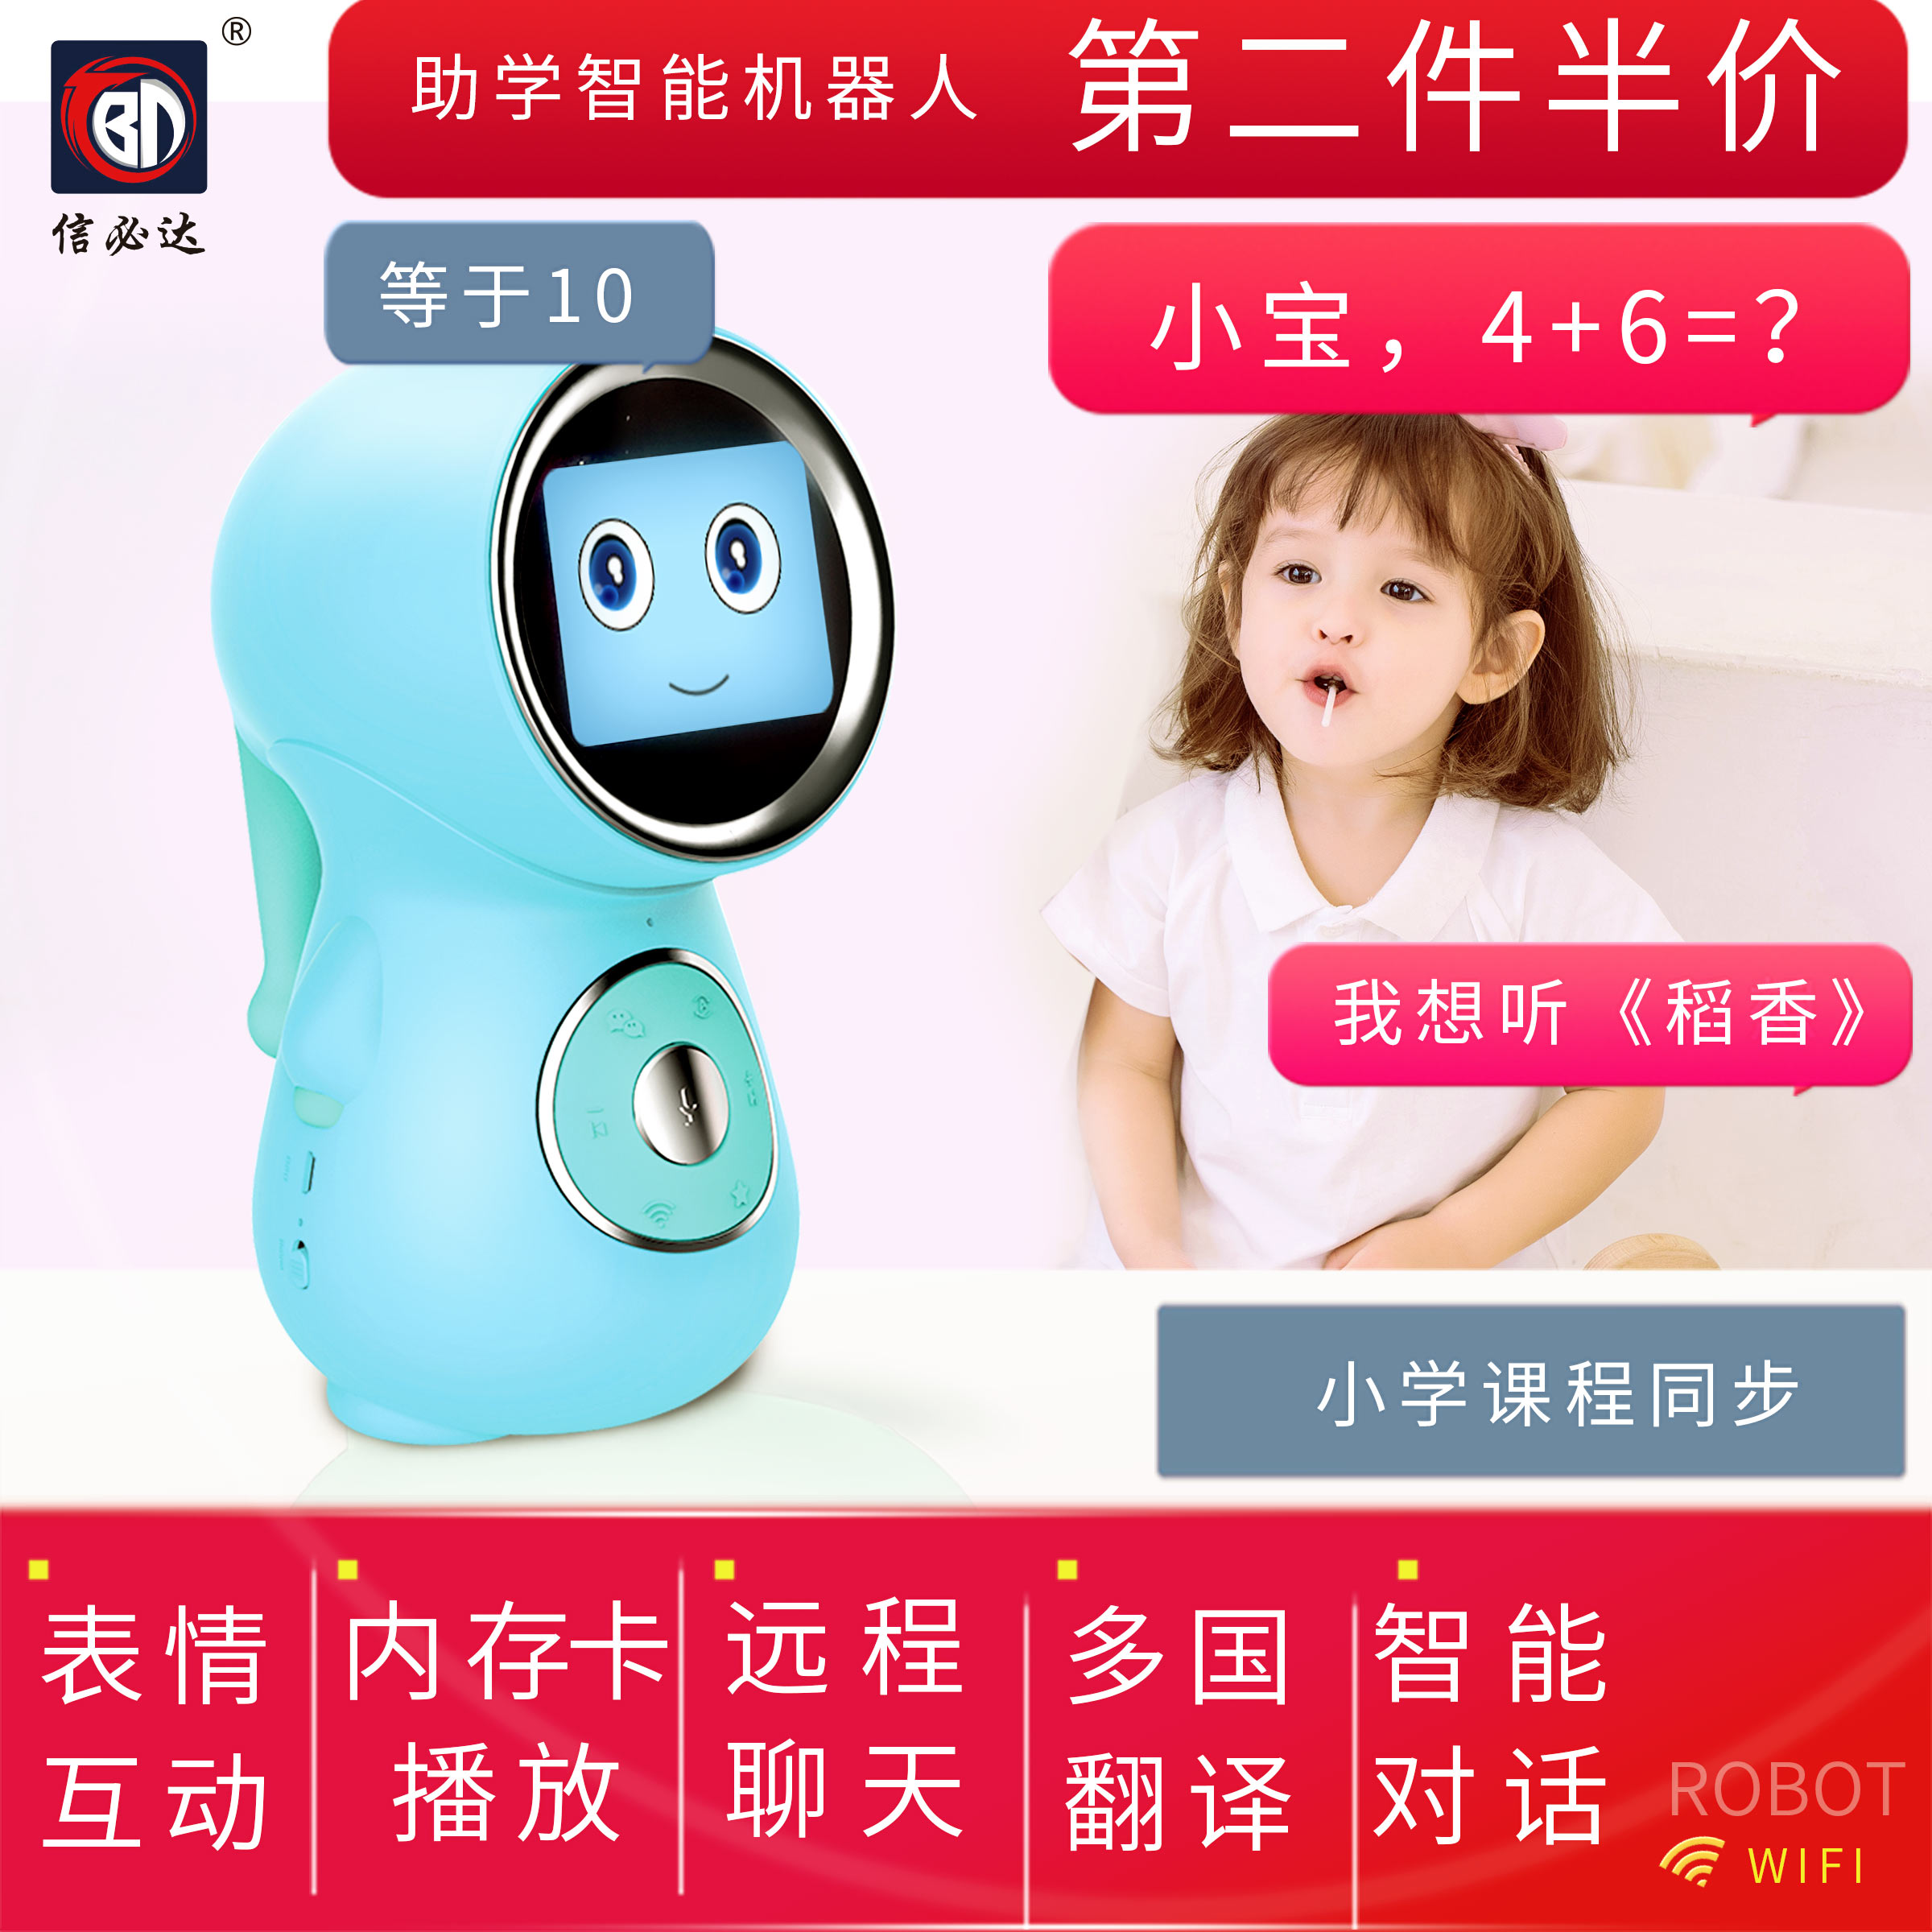 信必达儿童机器人玩具智能对话男女多功能陪伴学习早教机语音教育